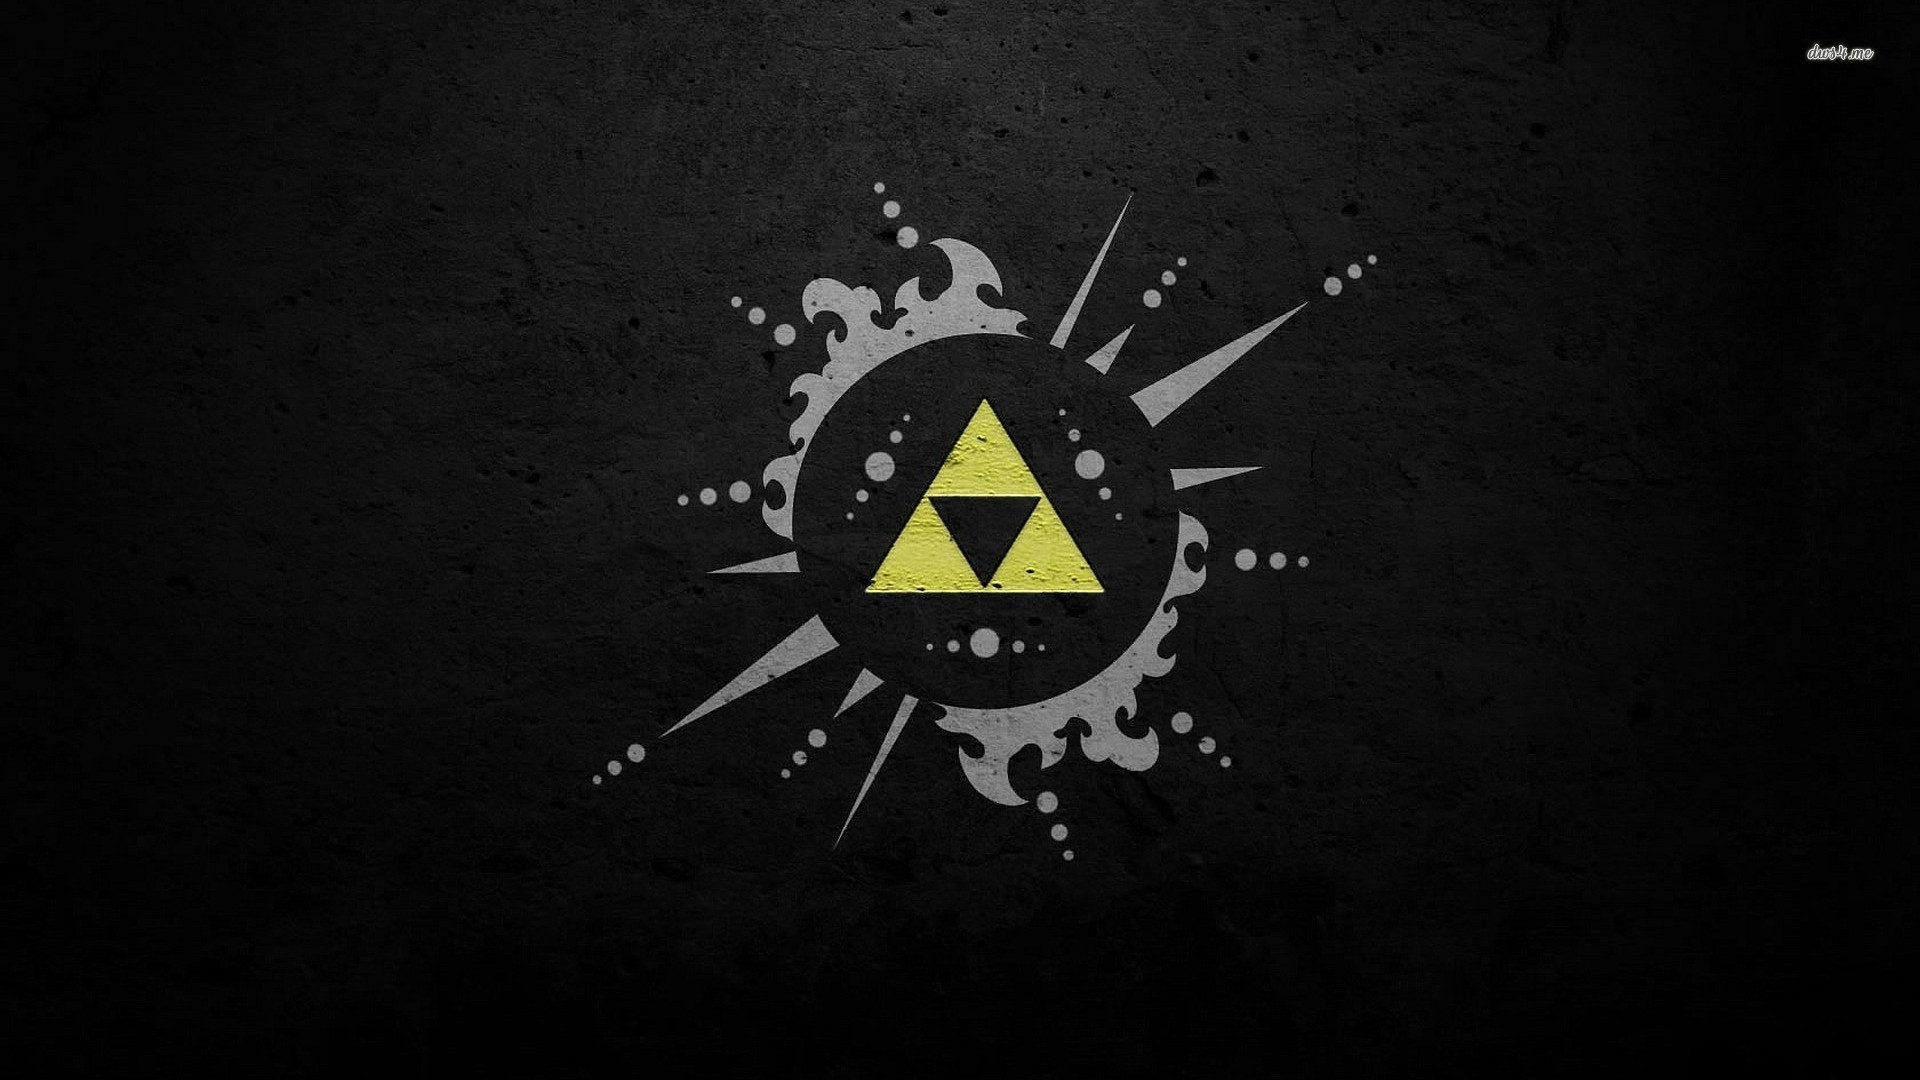 Triforce   The Legend of Zelda wallpaper   Game wallpapers   8038 1920x1080